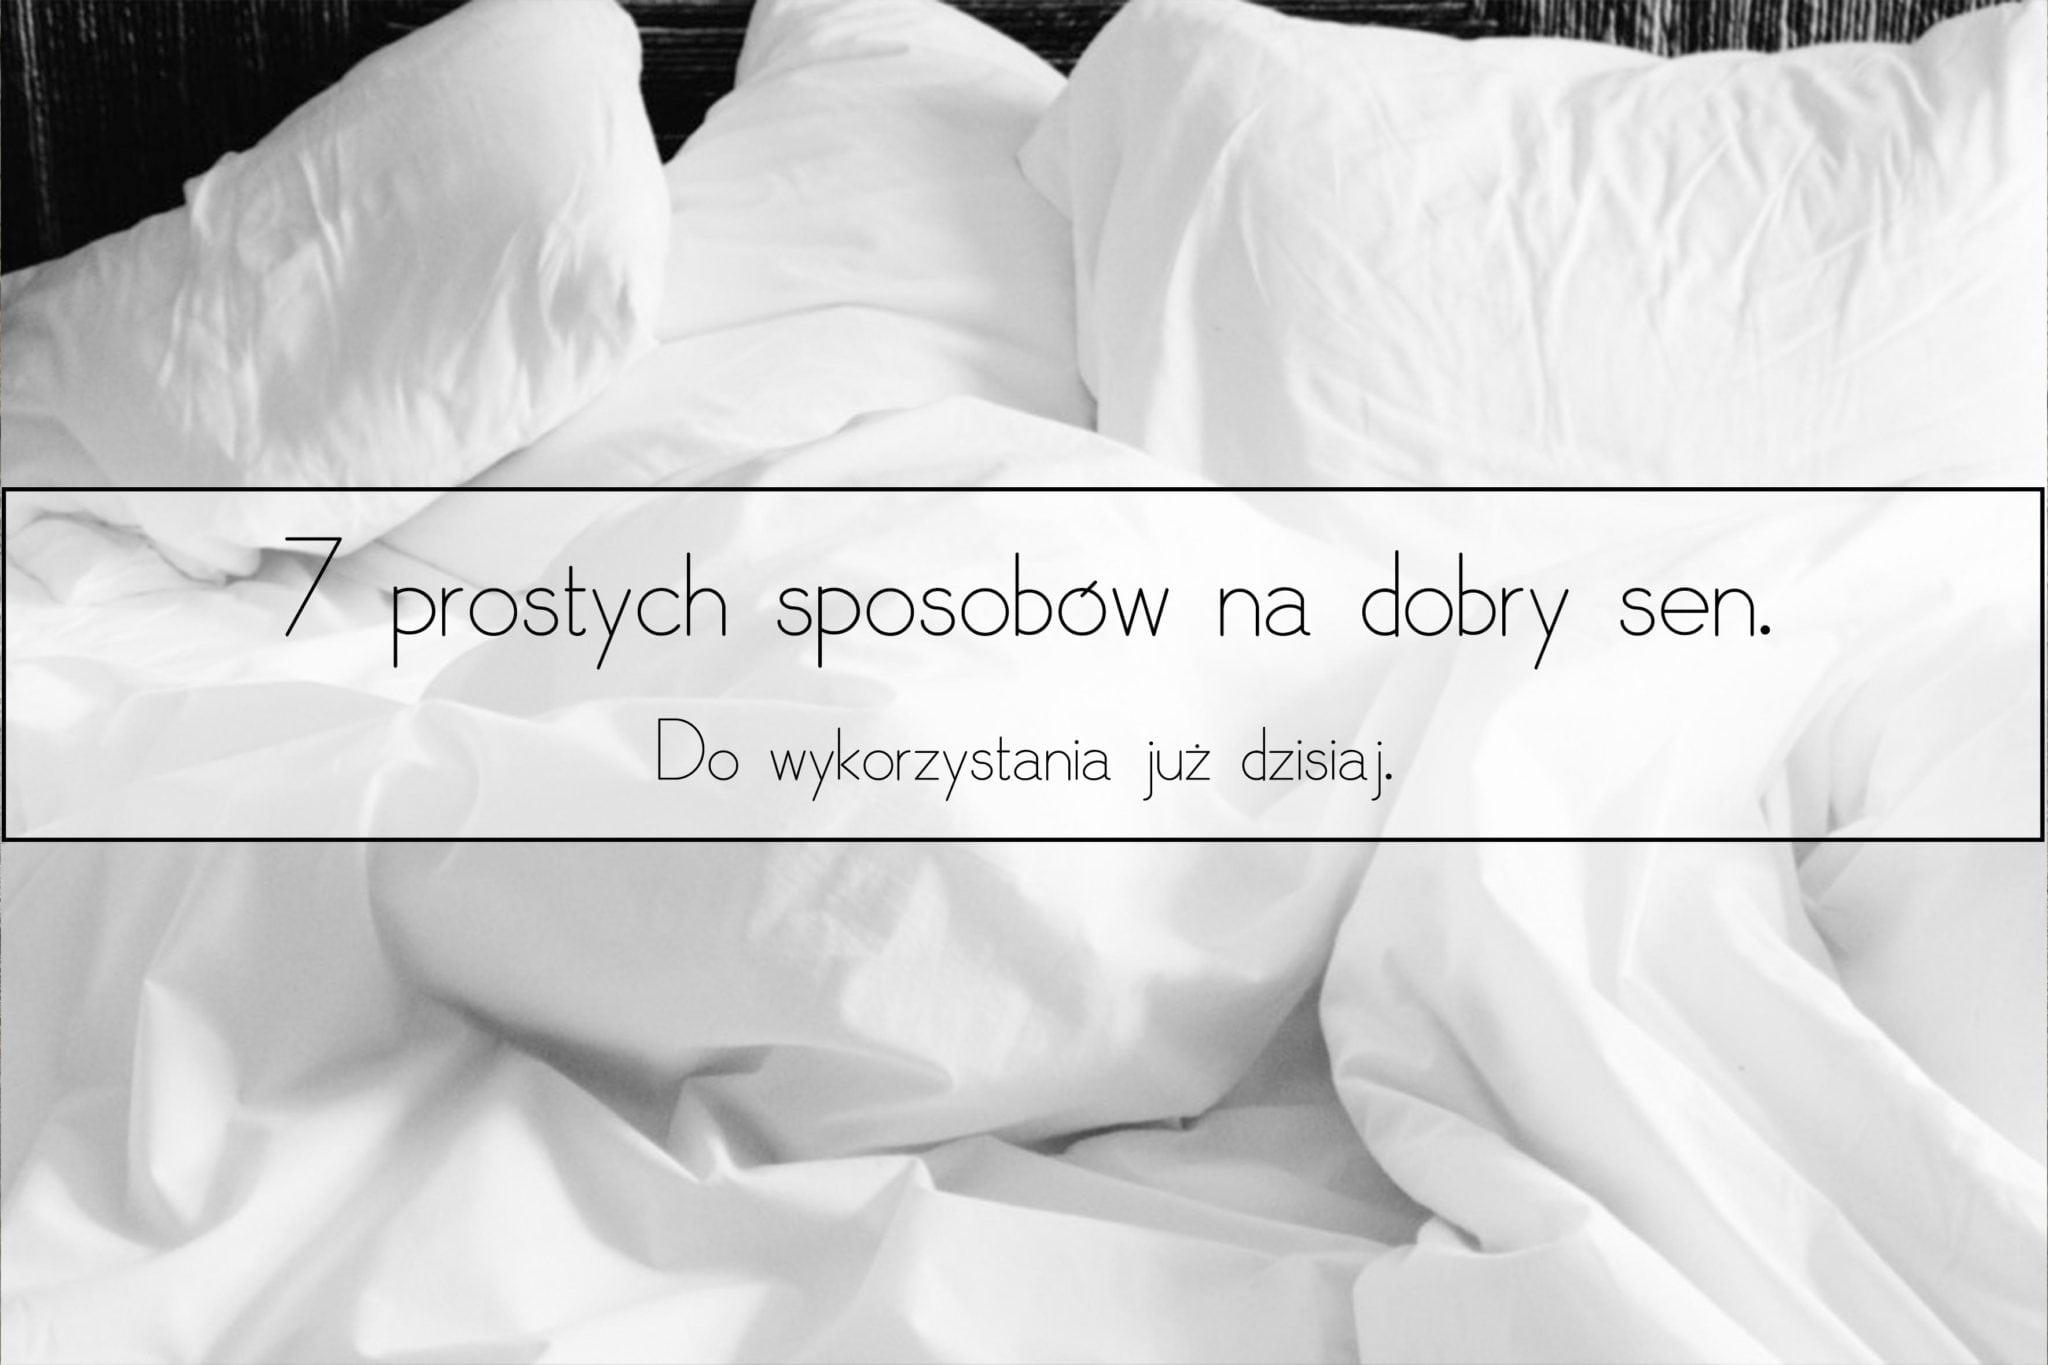 sposoby-na-dobry-sen